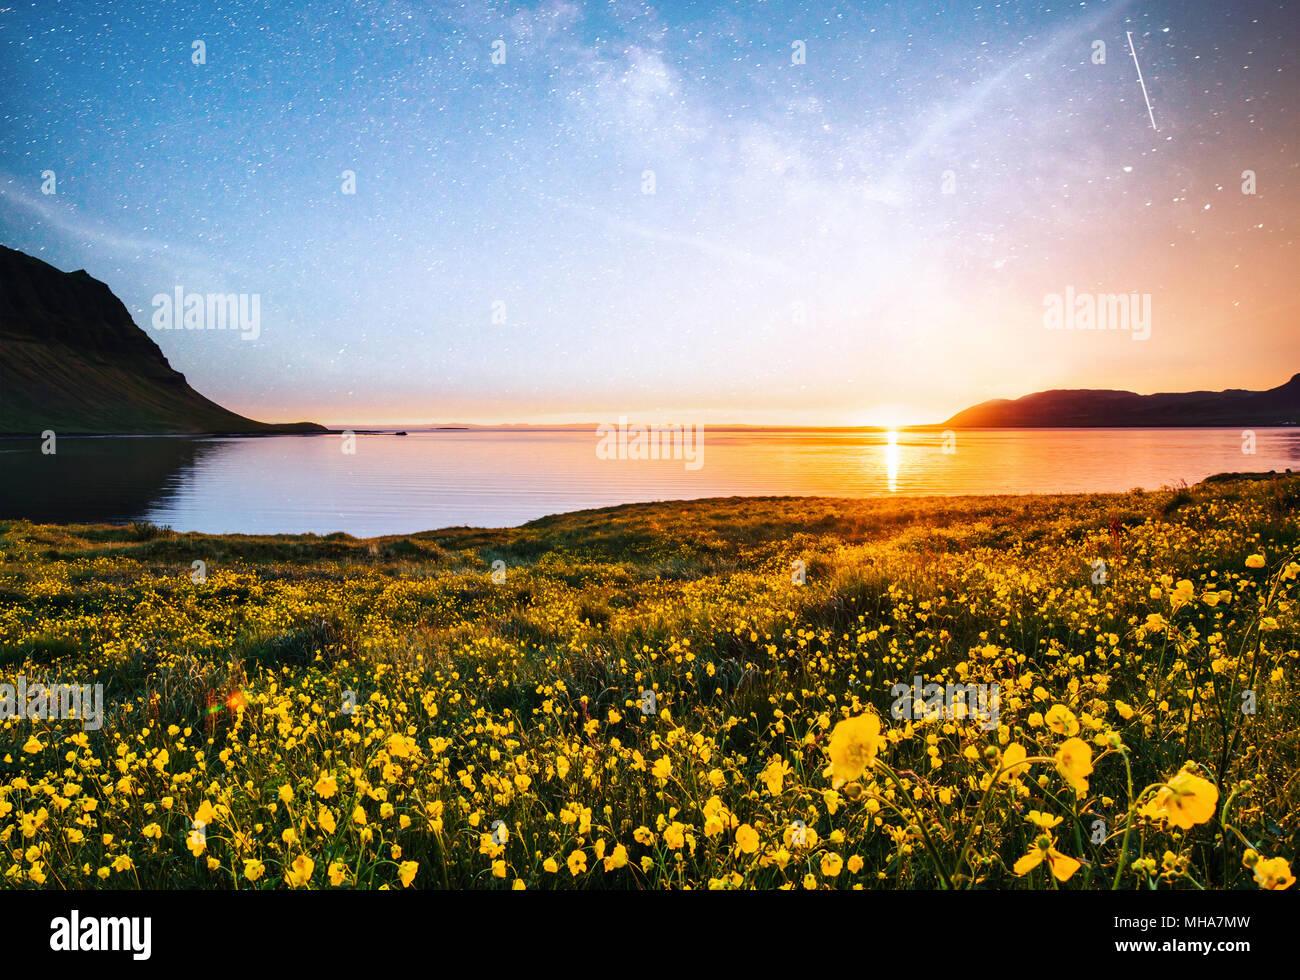 Il pittoresco tramonto su paesaggi e cascate. Kirkjufell mountain, Islanda Immagini Stock